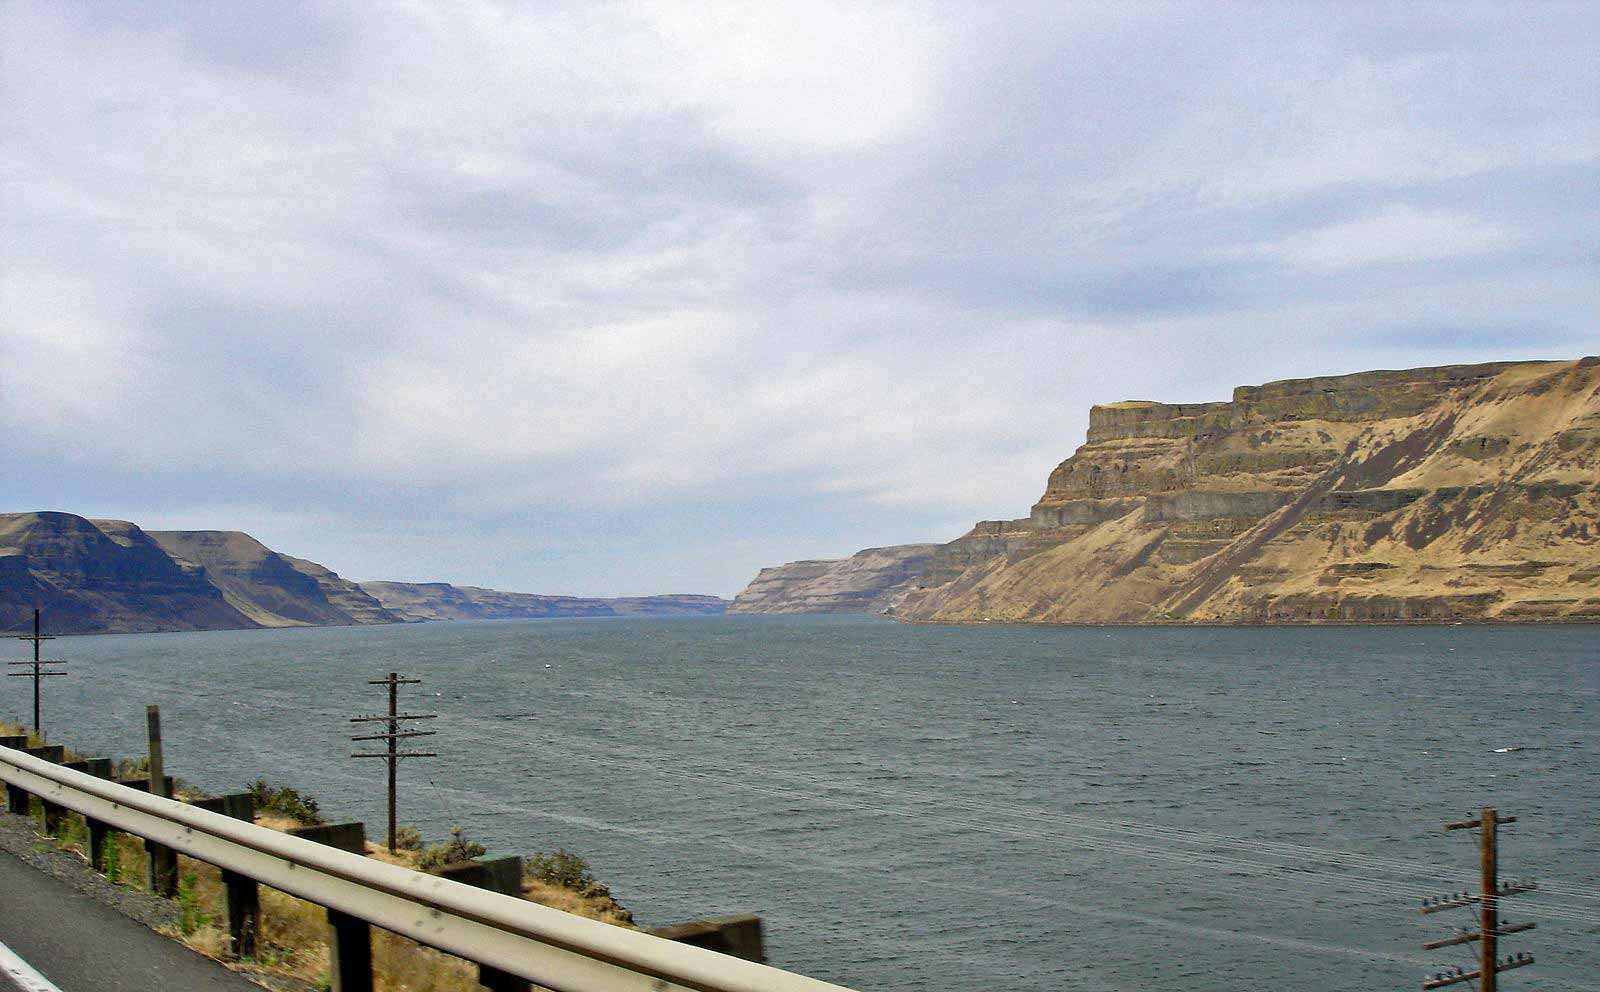 Bild des Columbia River Grenze zwischen Washington State und Oregon, von der Straße aus gesehen